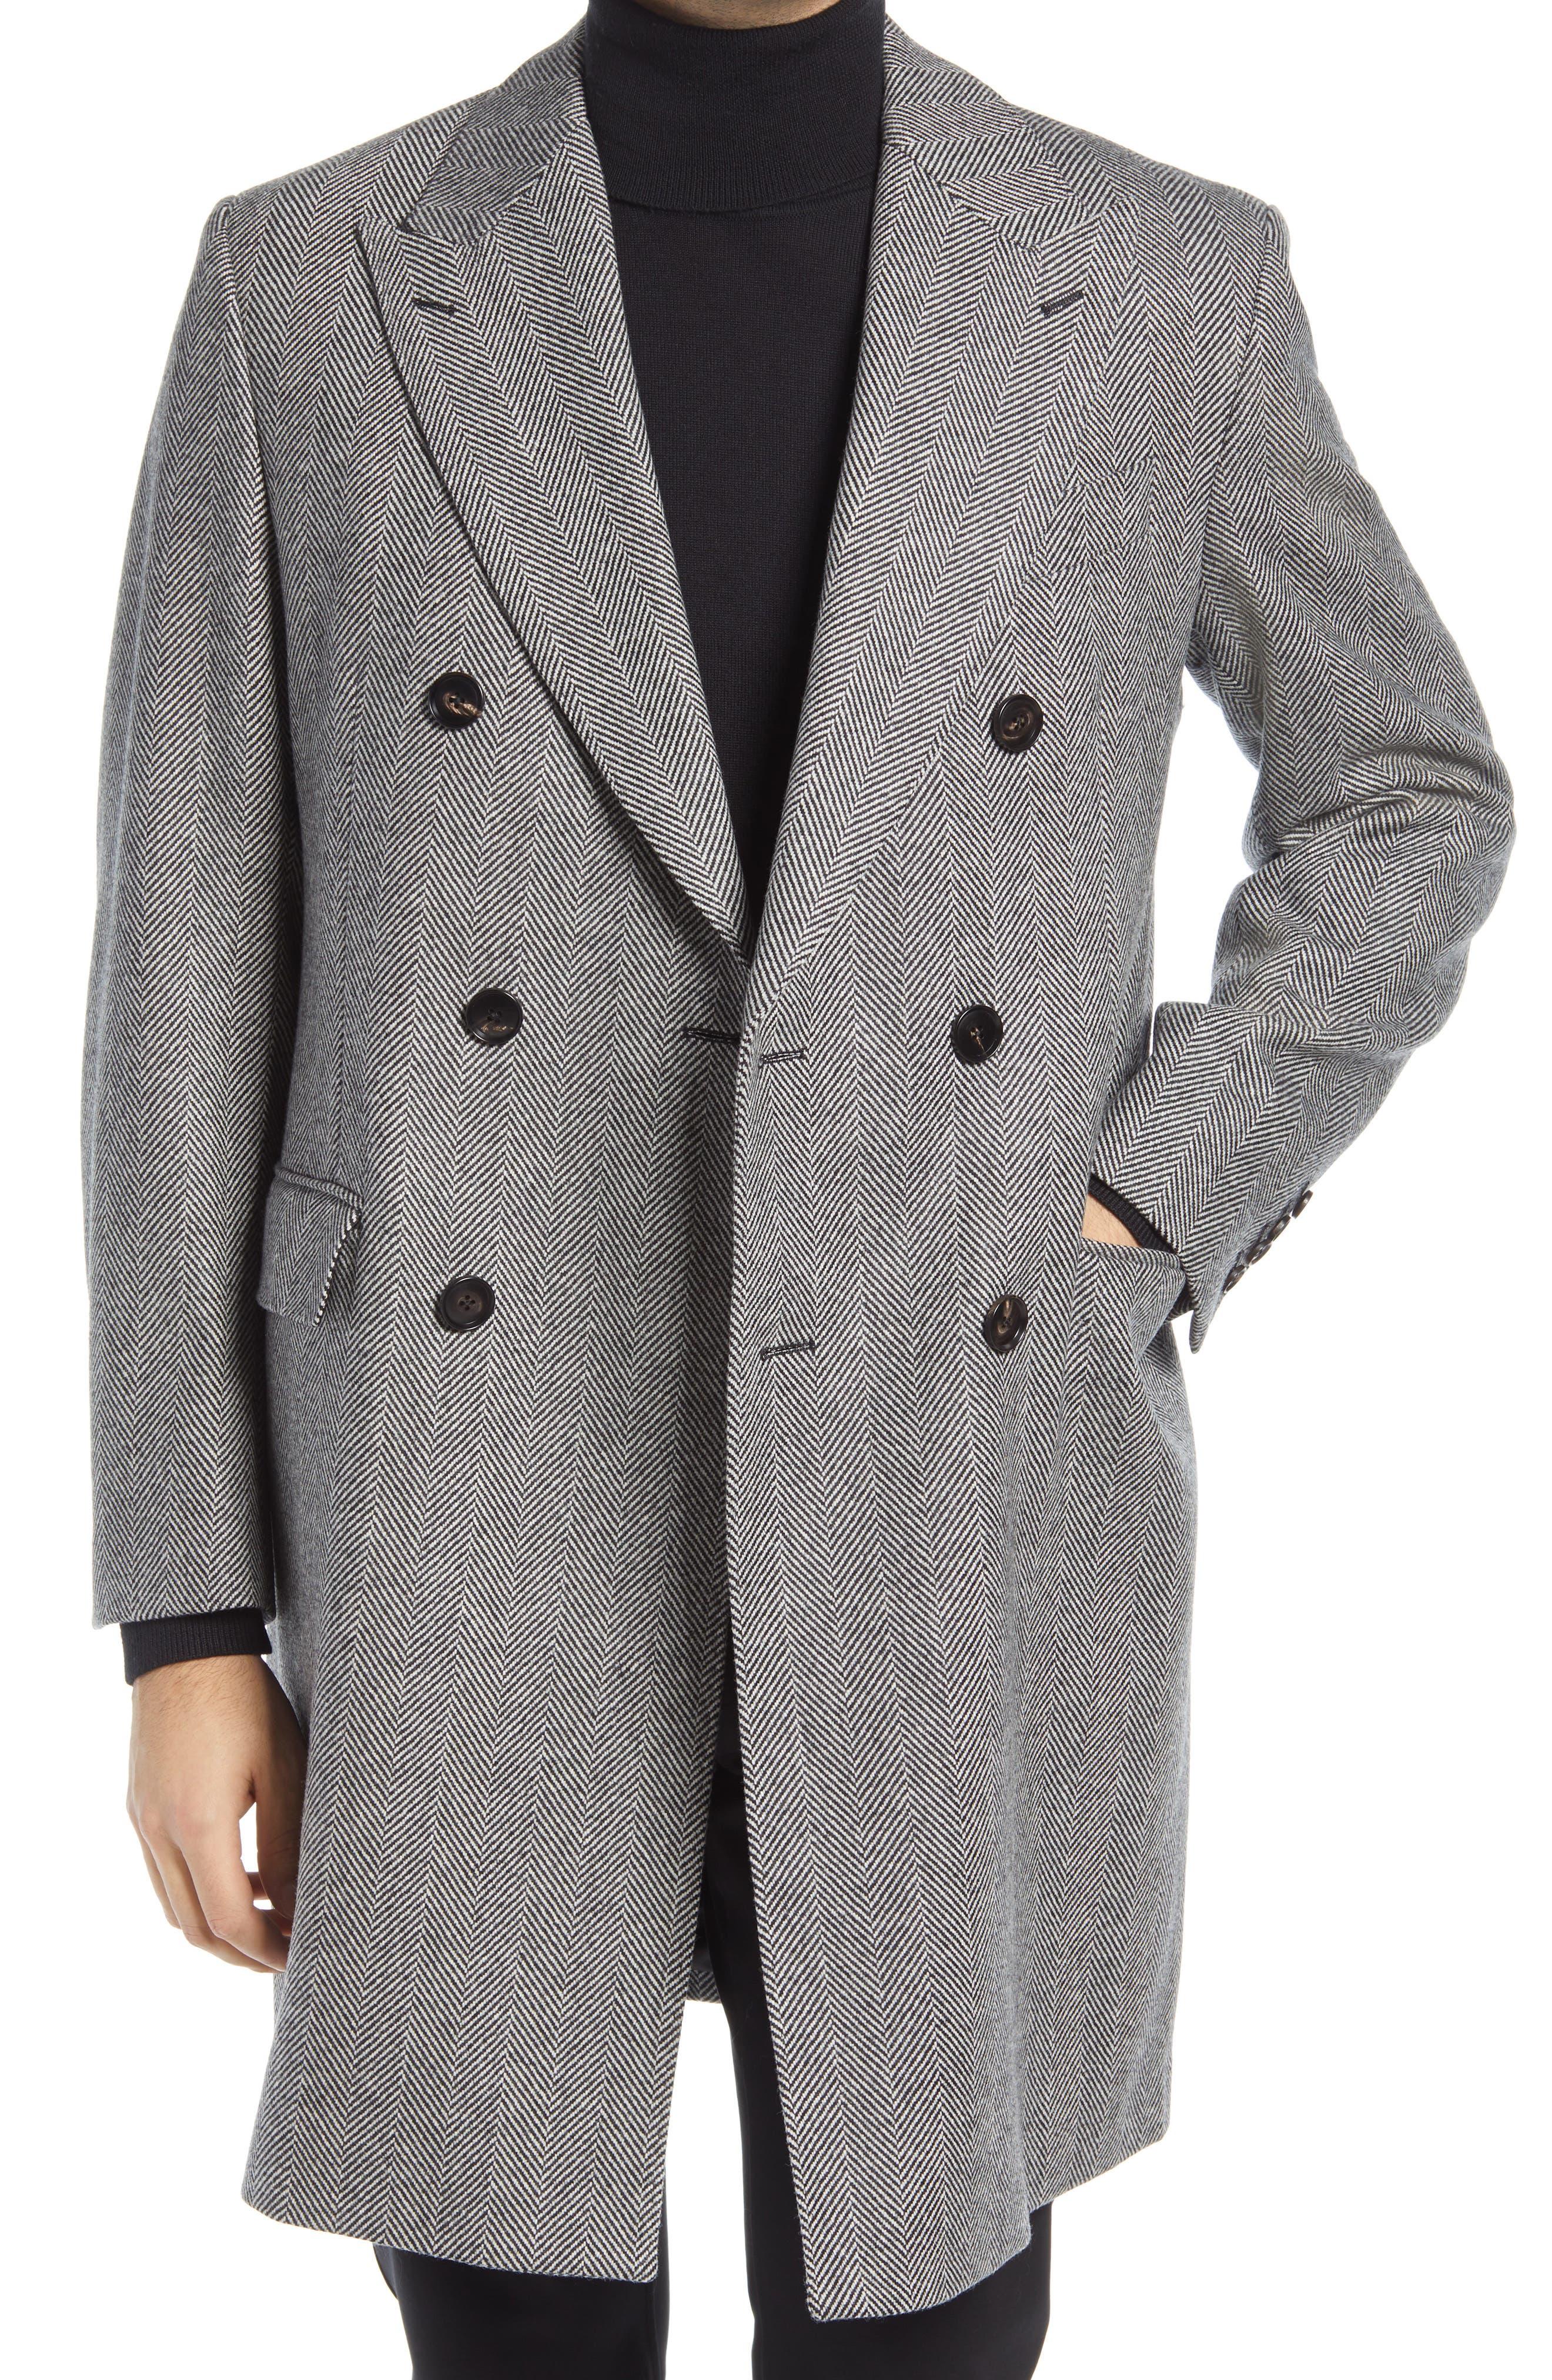 Sheppard Herringbone Wool Double Breasted Overcoat